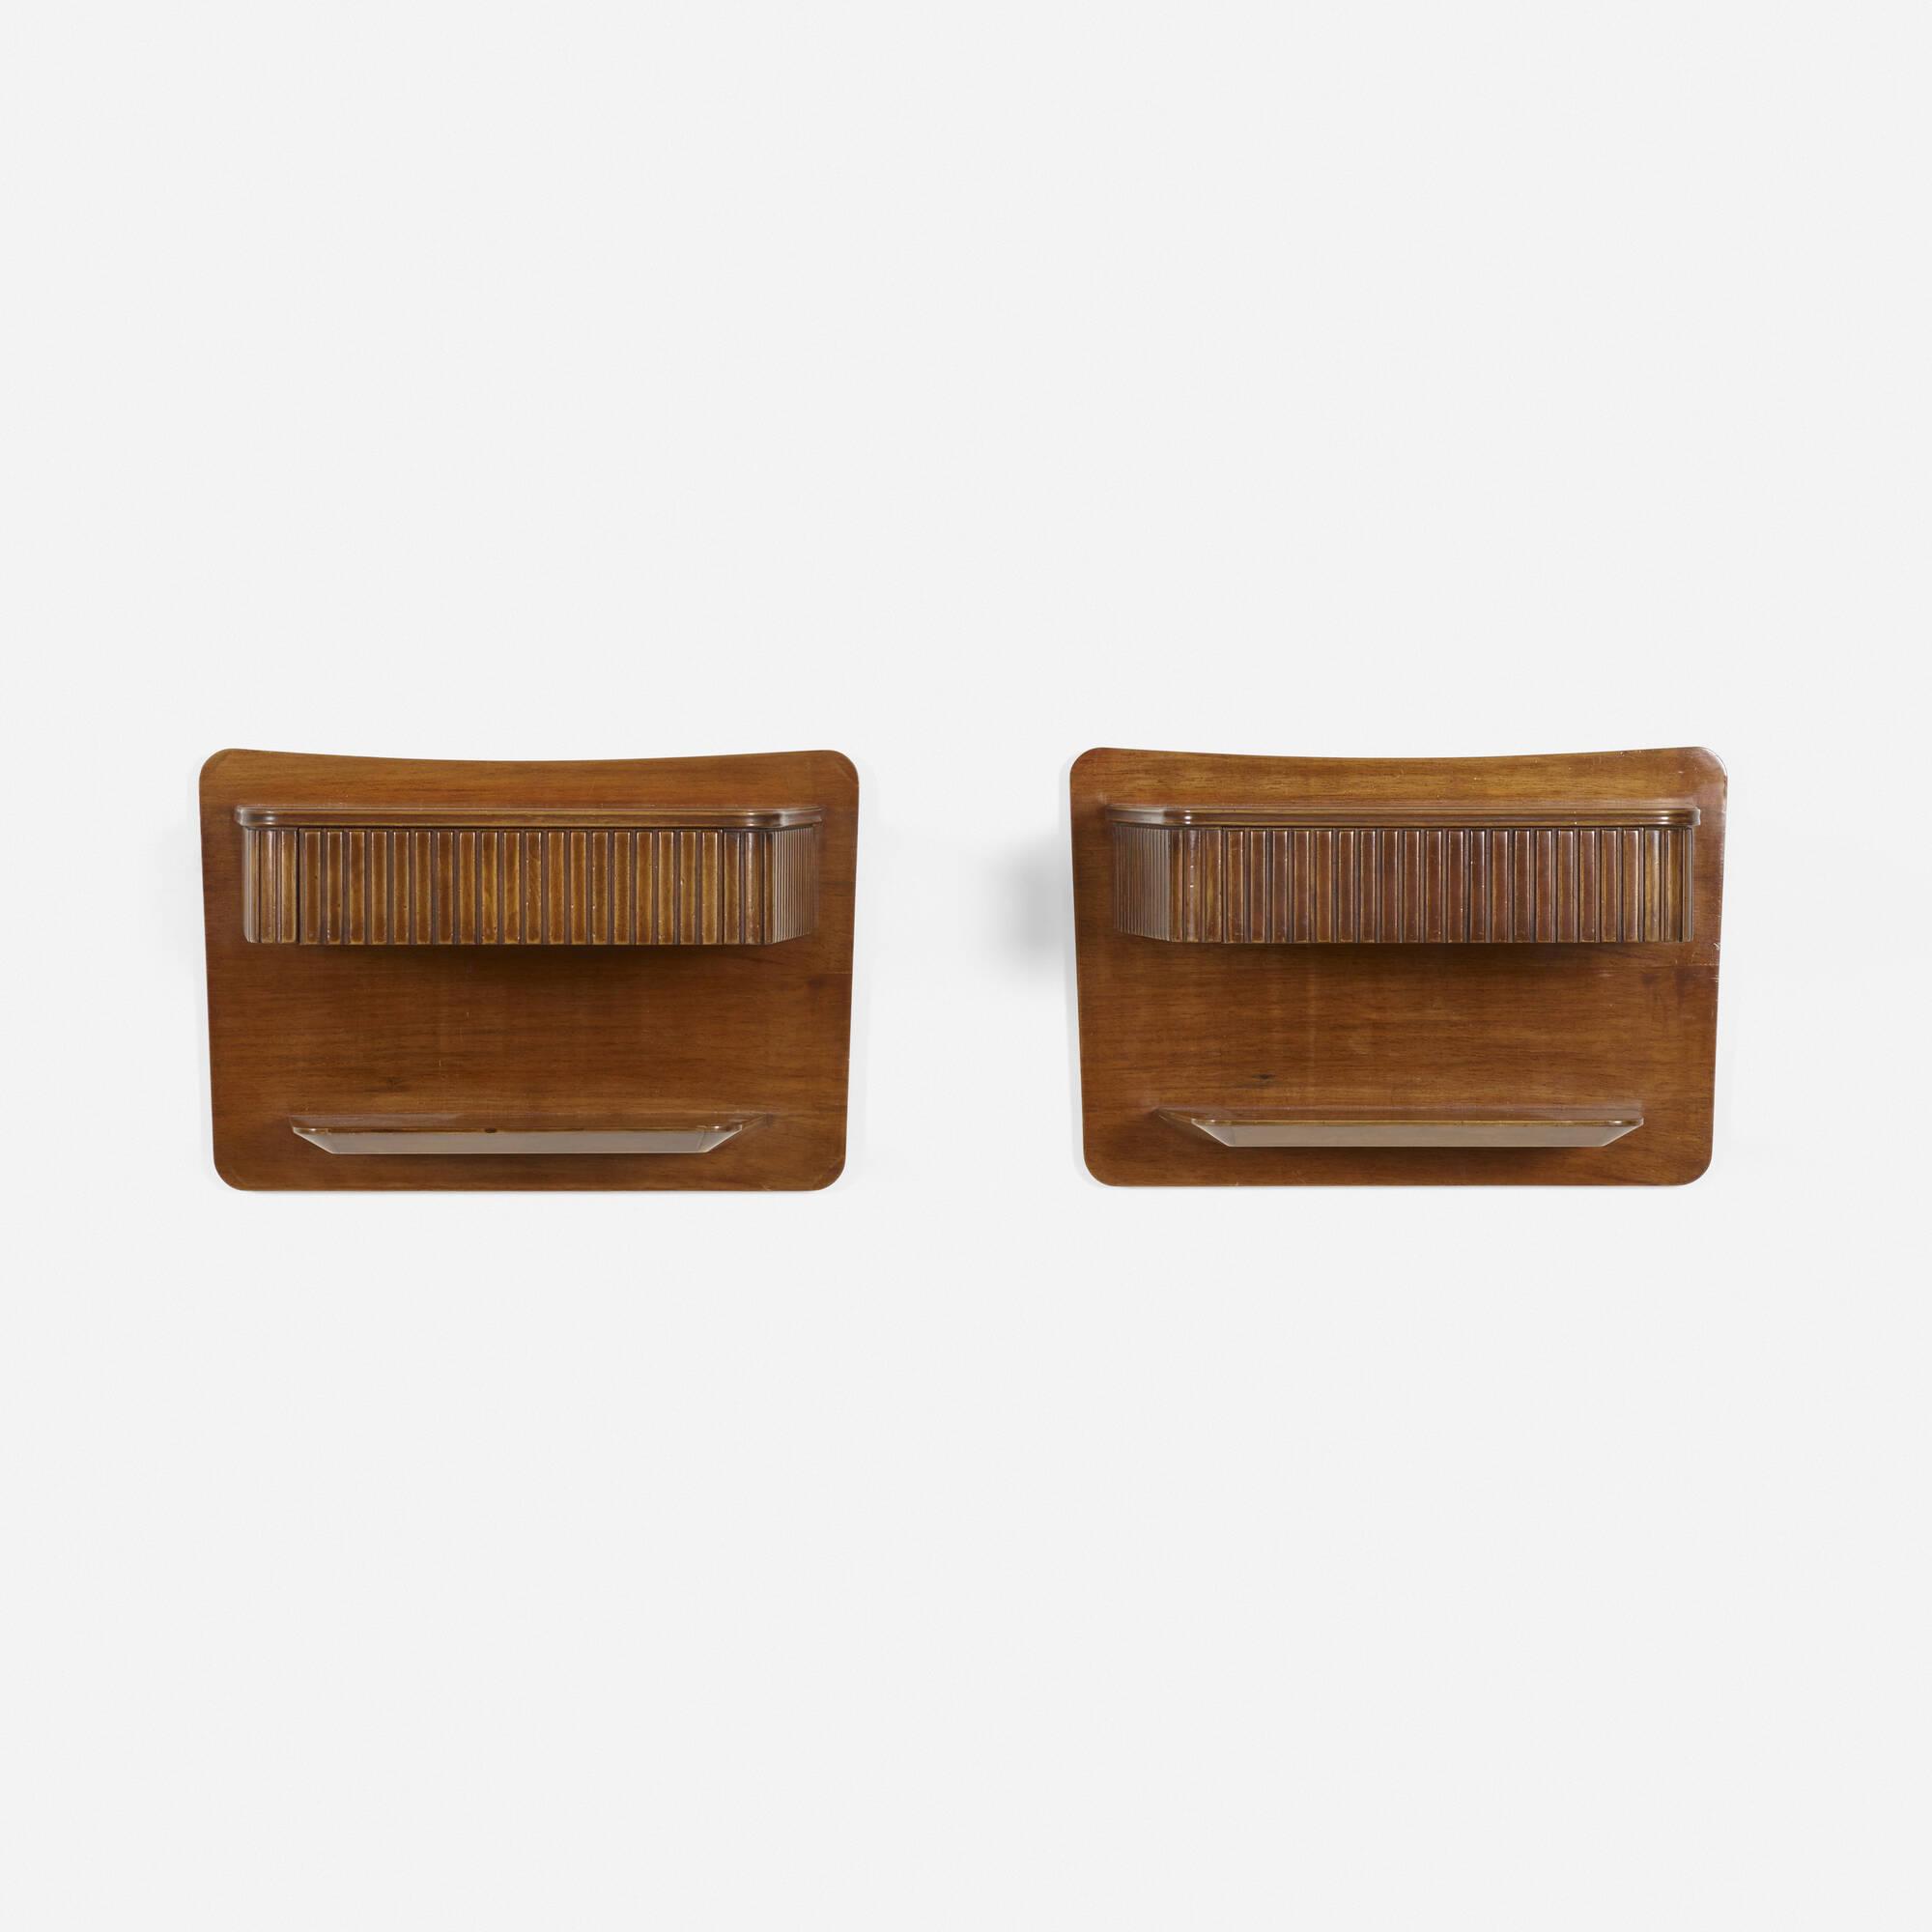 304: Osvaldo Borsani / nightstands, pair (2 of 2)